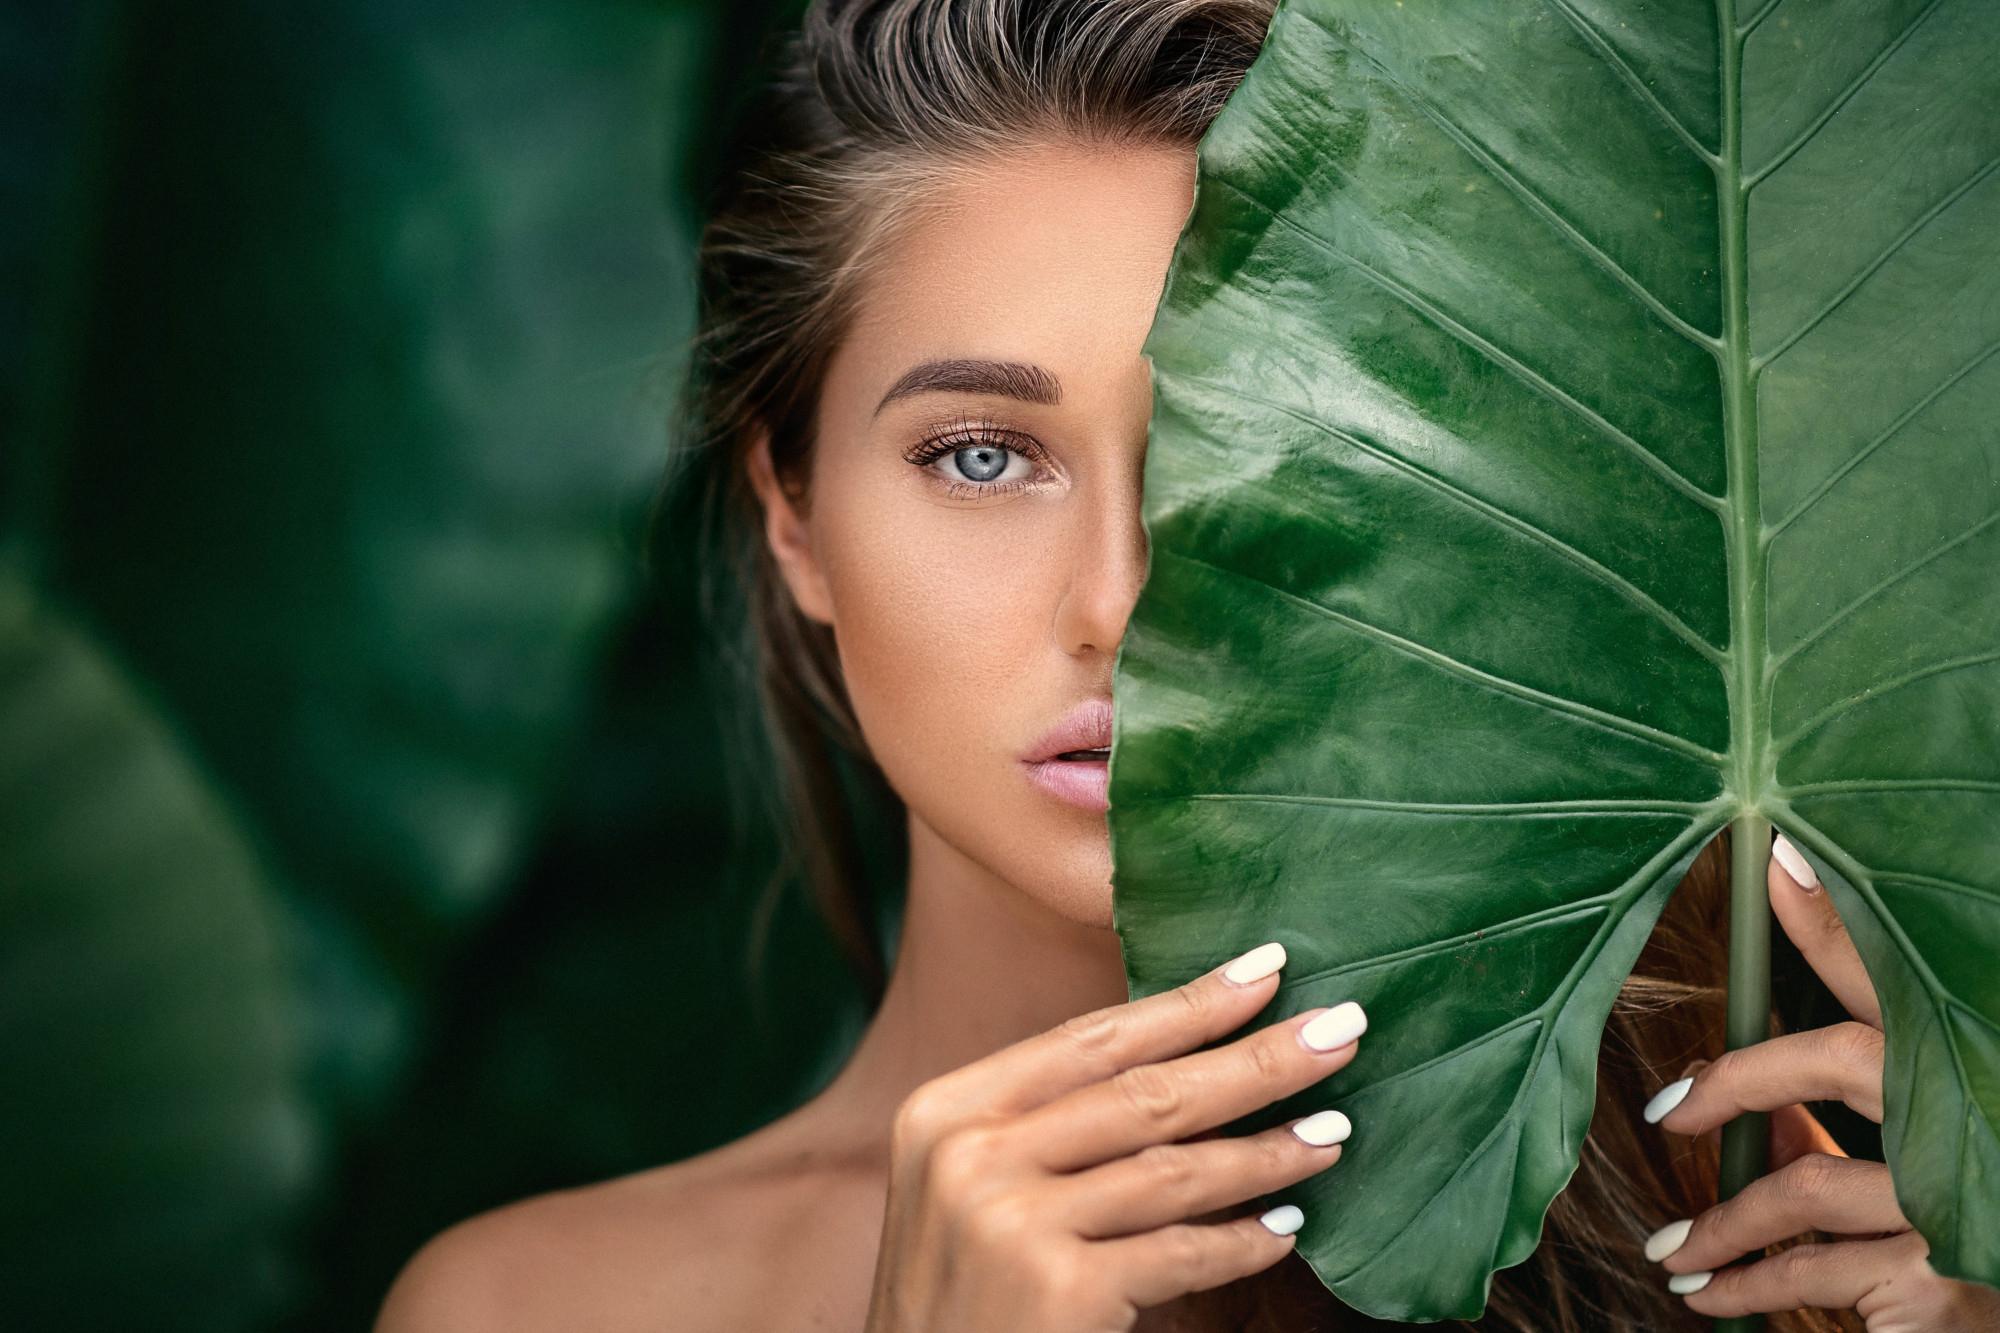 luxe portret van een mooie jonge vrouw met natuurlijke make-up houdt een groot groen blad half voor haar gezicht met een wazige blik